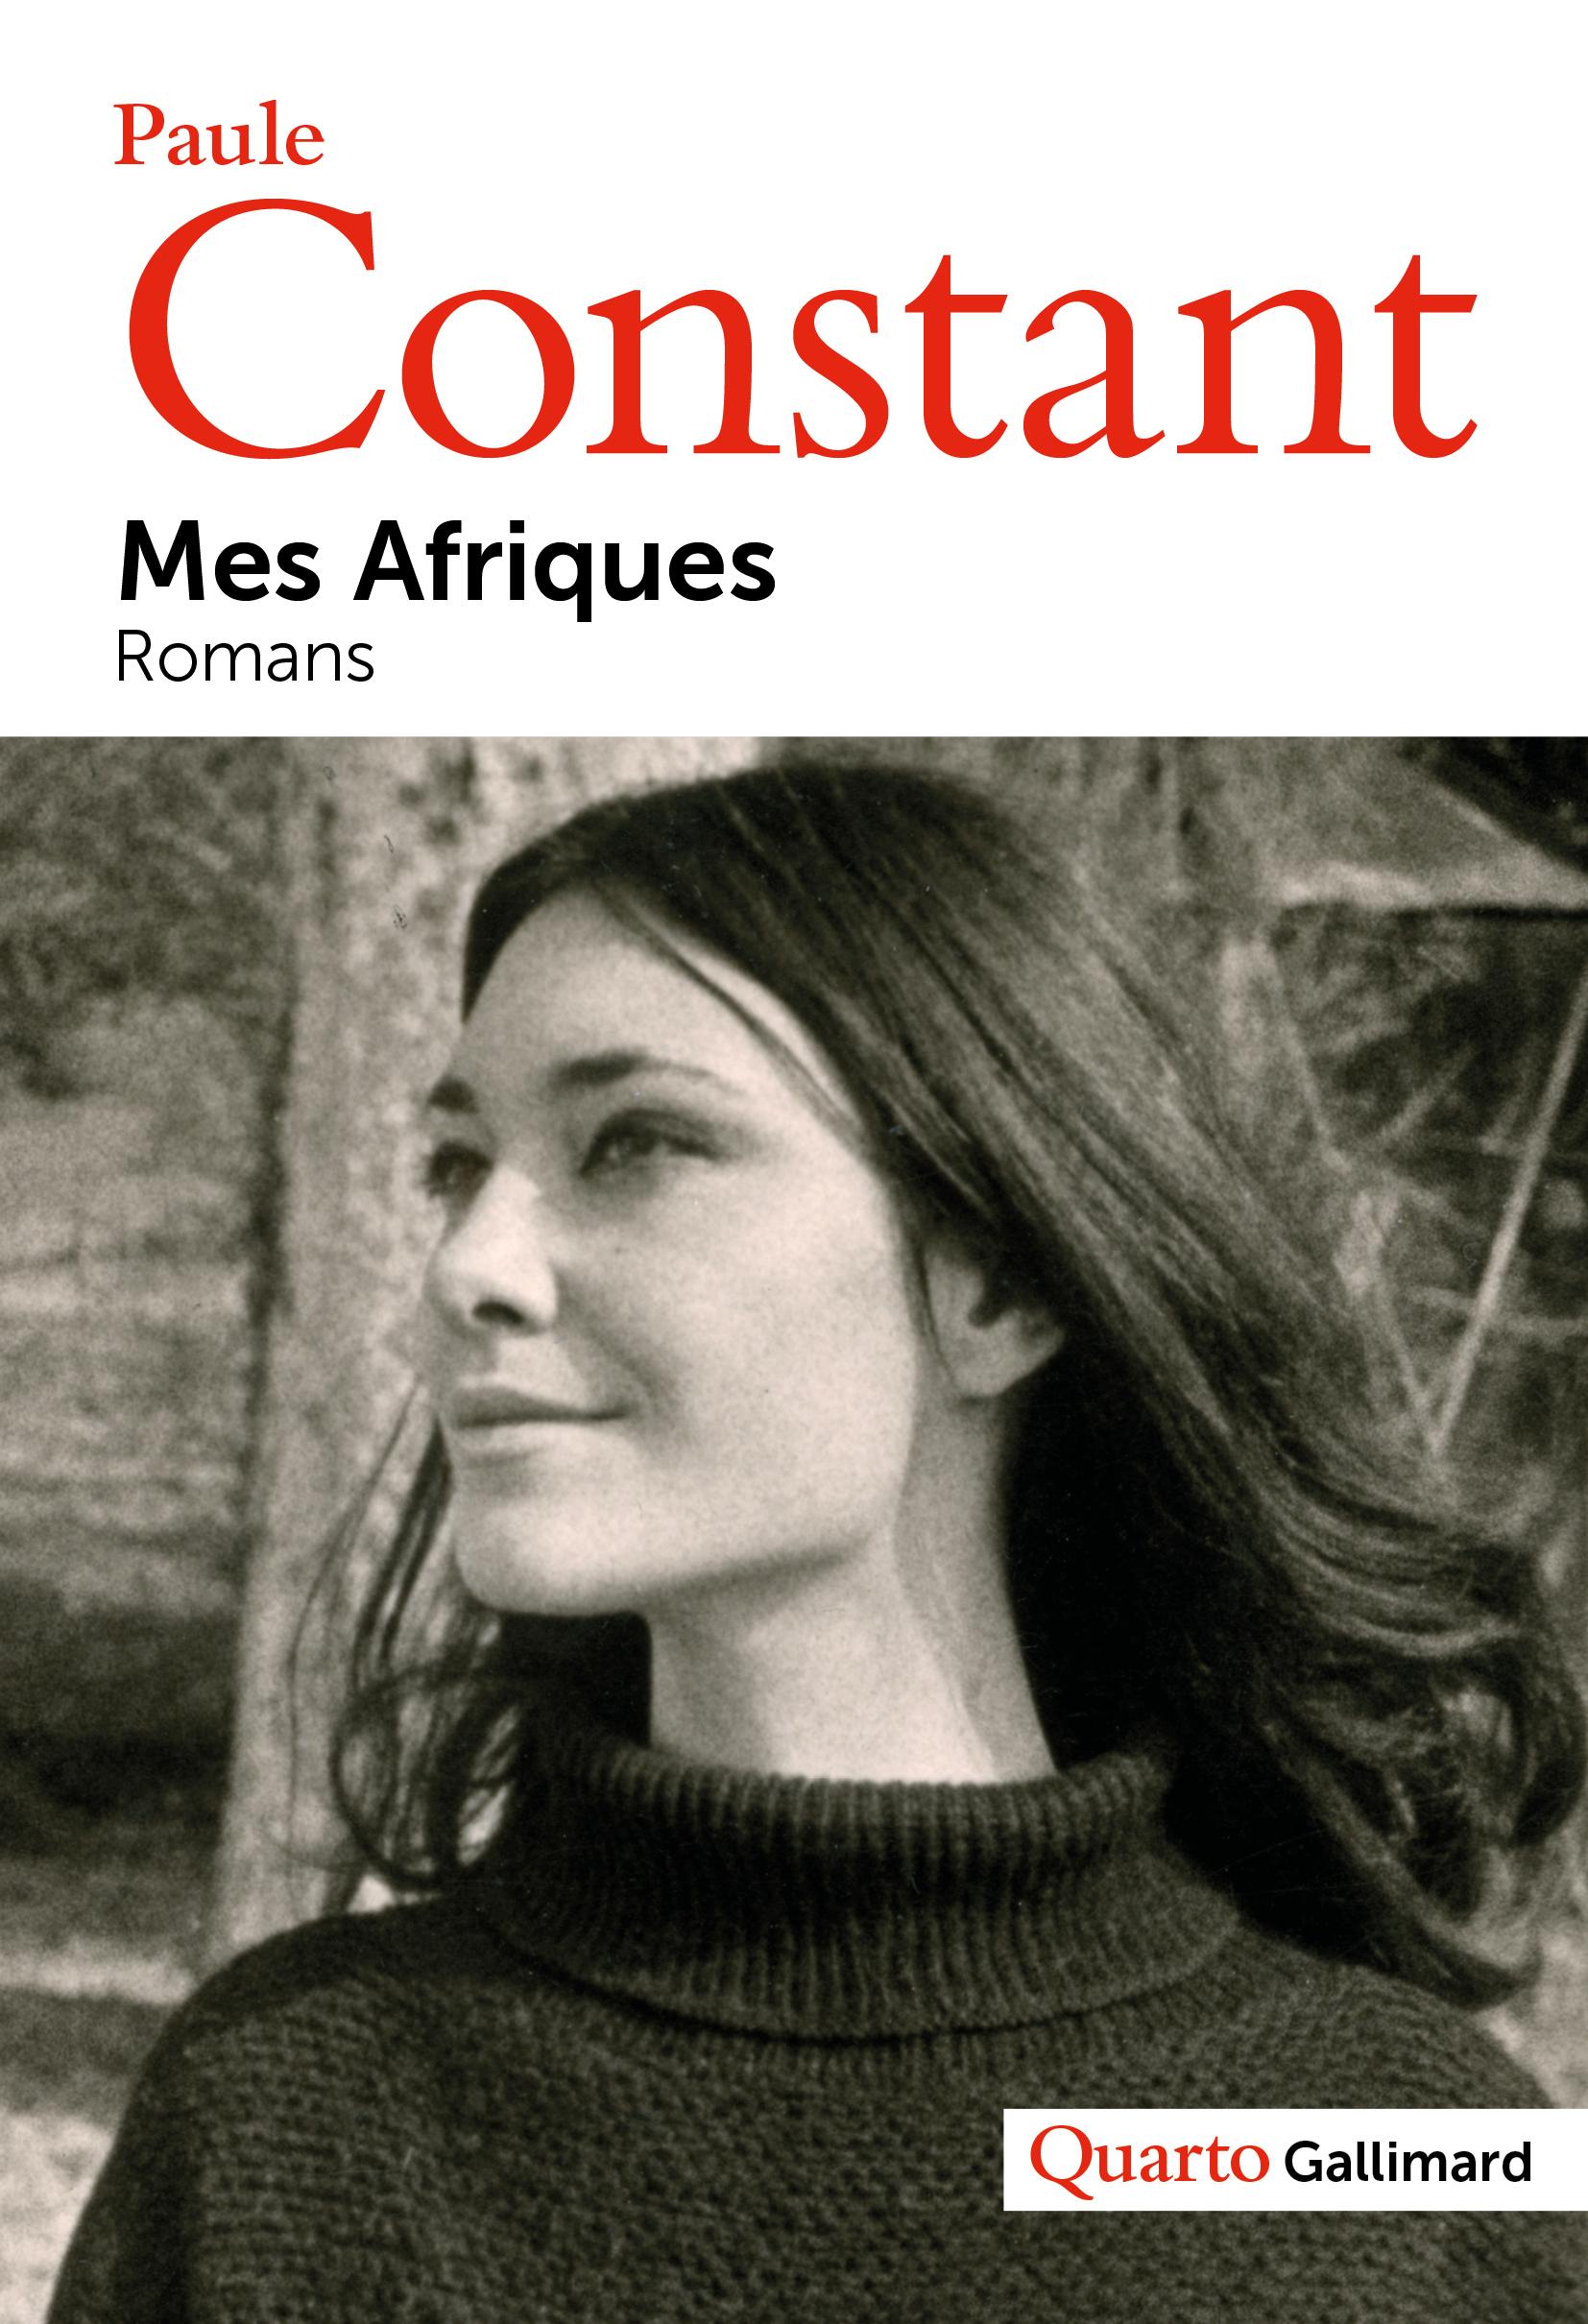 MES AFRIQUES - ROMANS